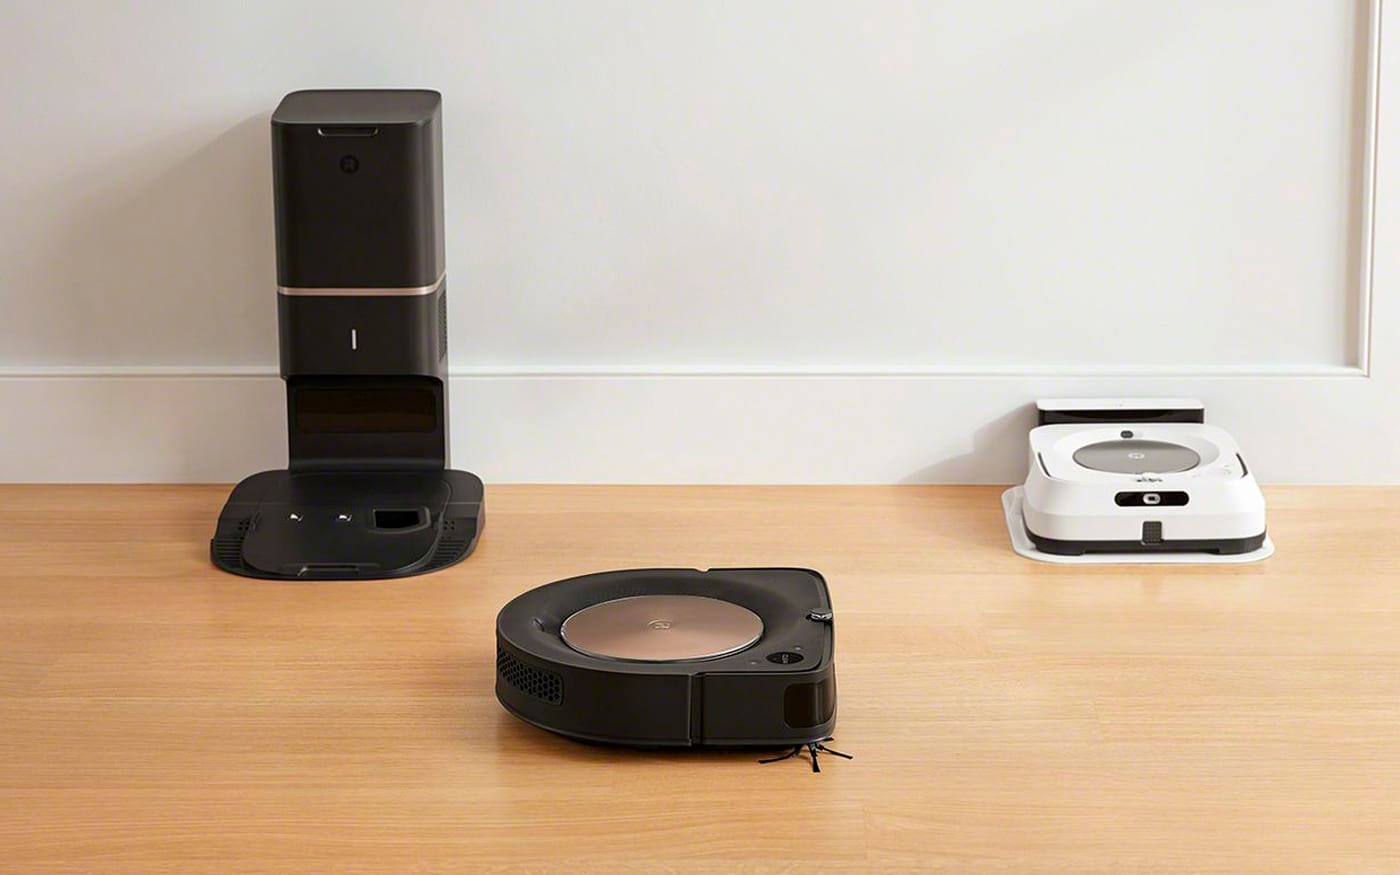 iRobot Roomba S9+ e o Braava Jet M6 podem trabalhar juntos para limpar a sua casa